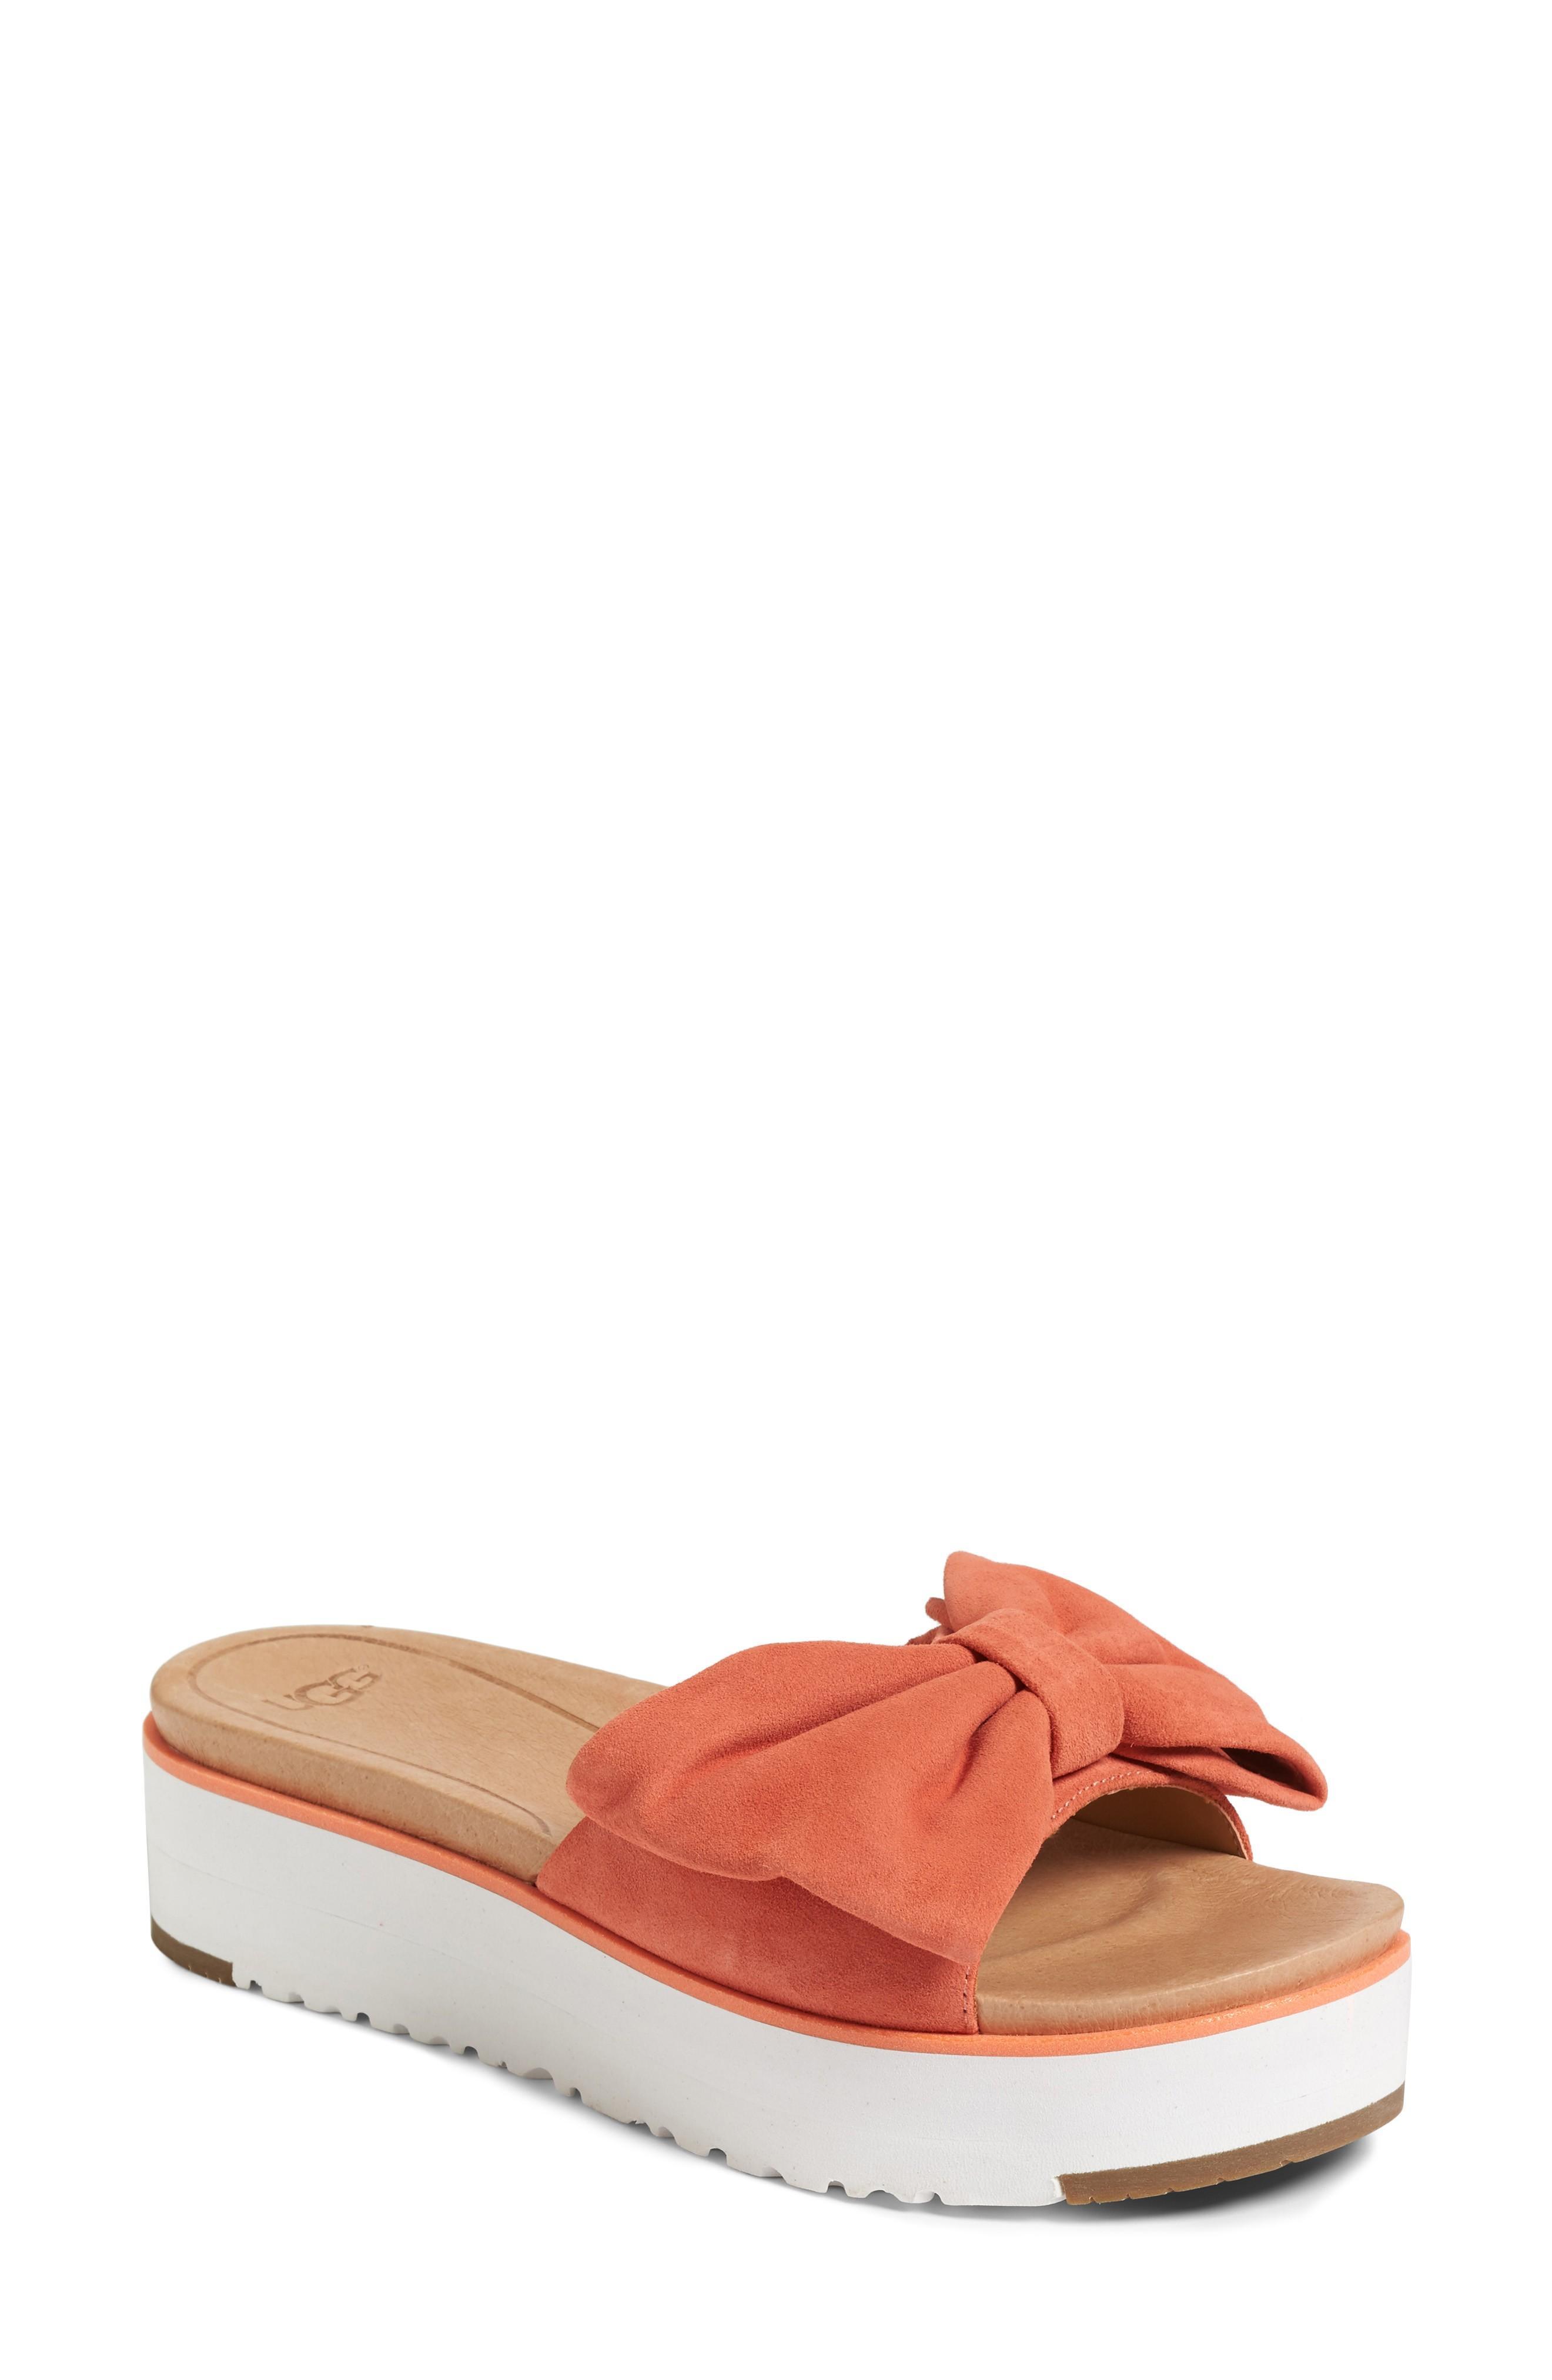 d8385e93ffb Ugg Joan Platform Sandal in Vibrant Coral Suede